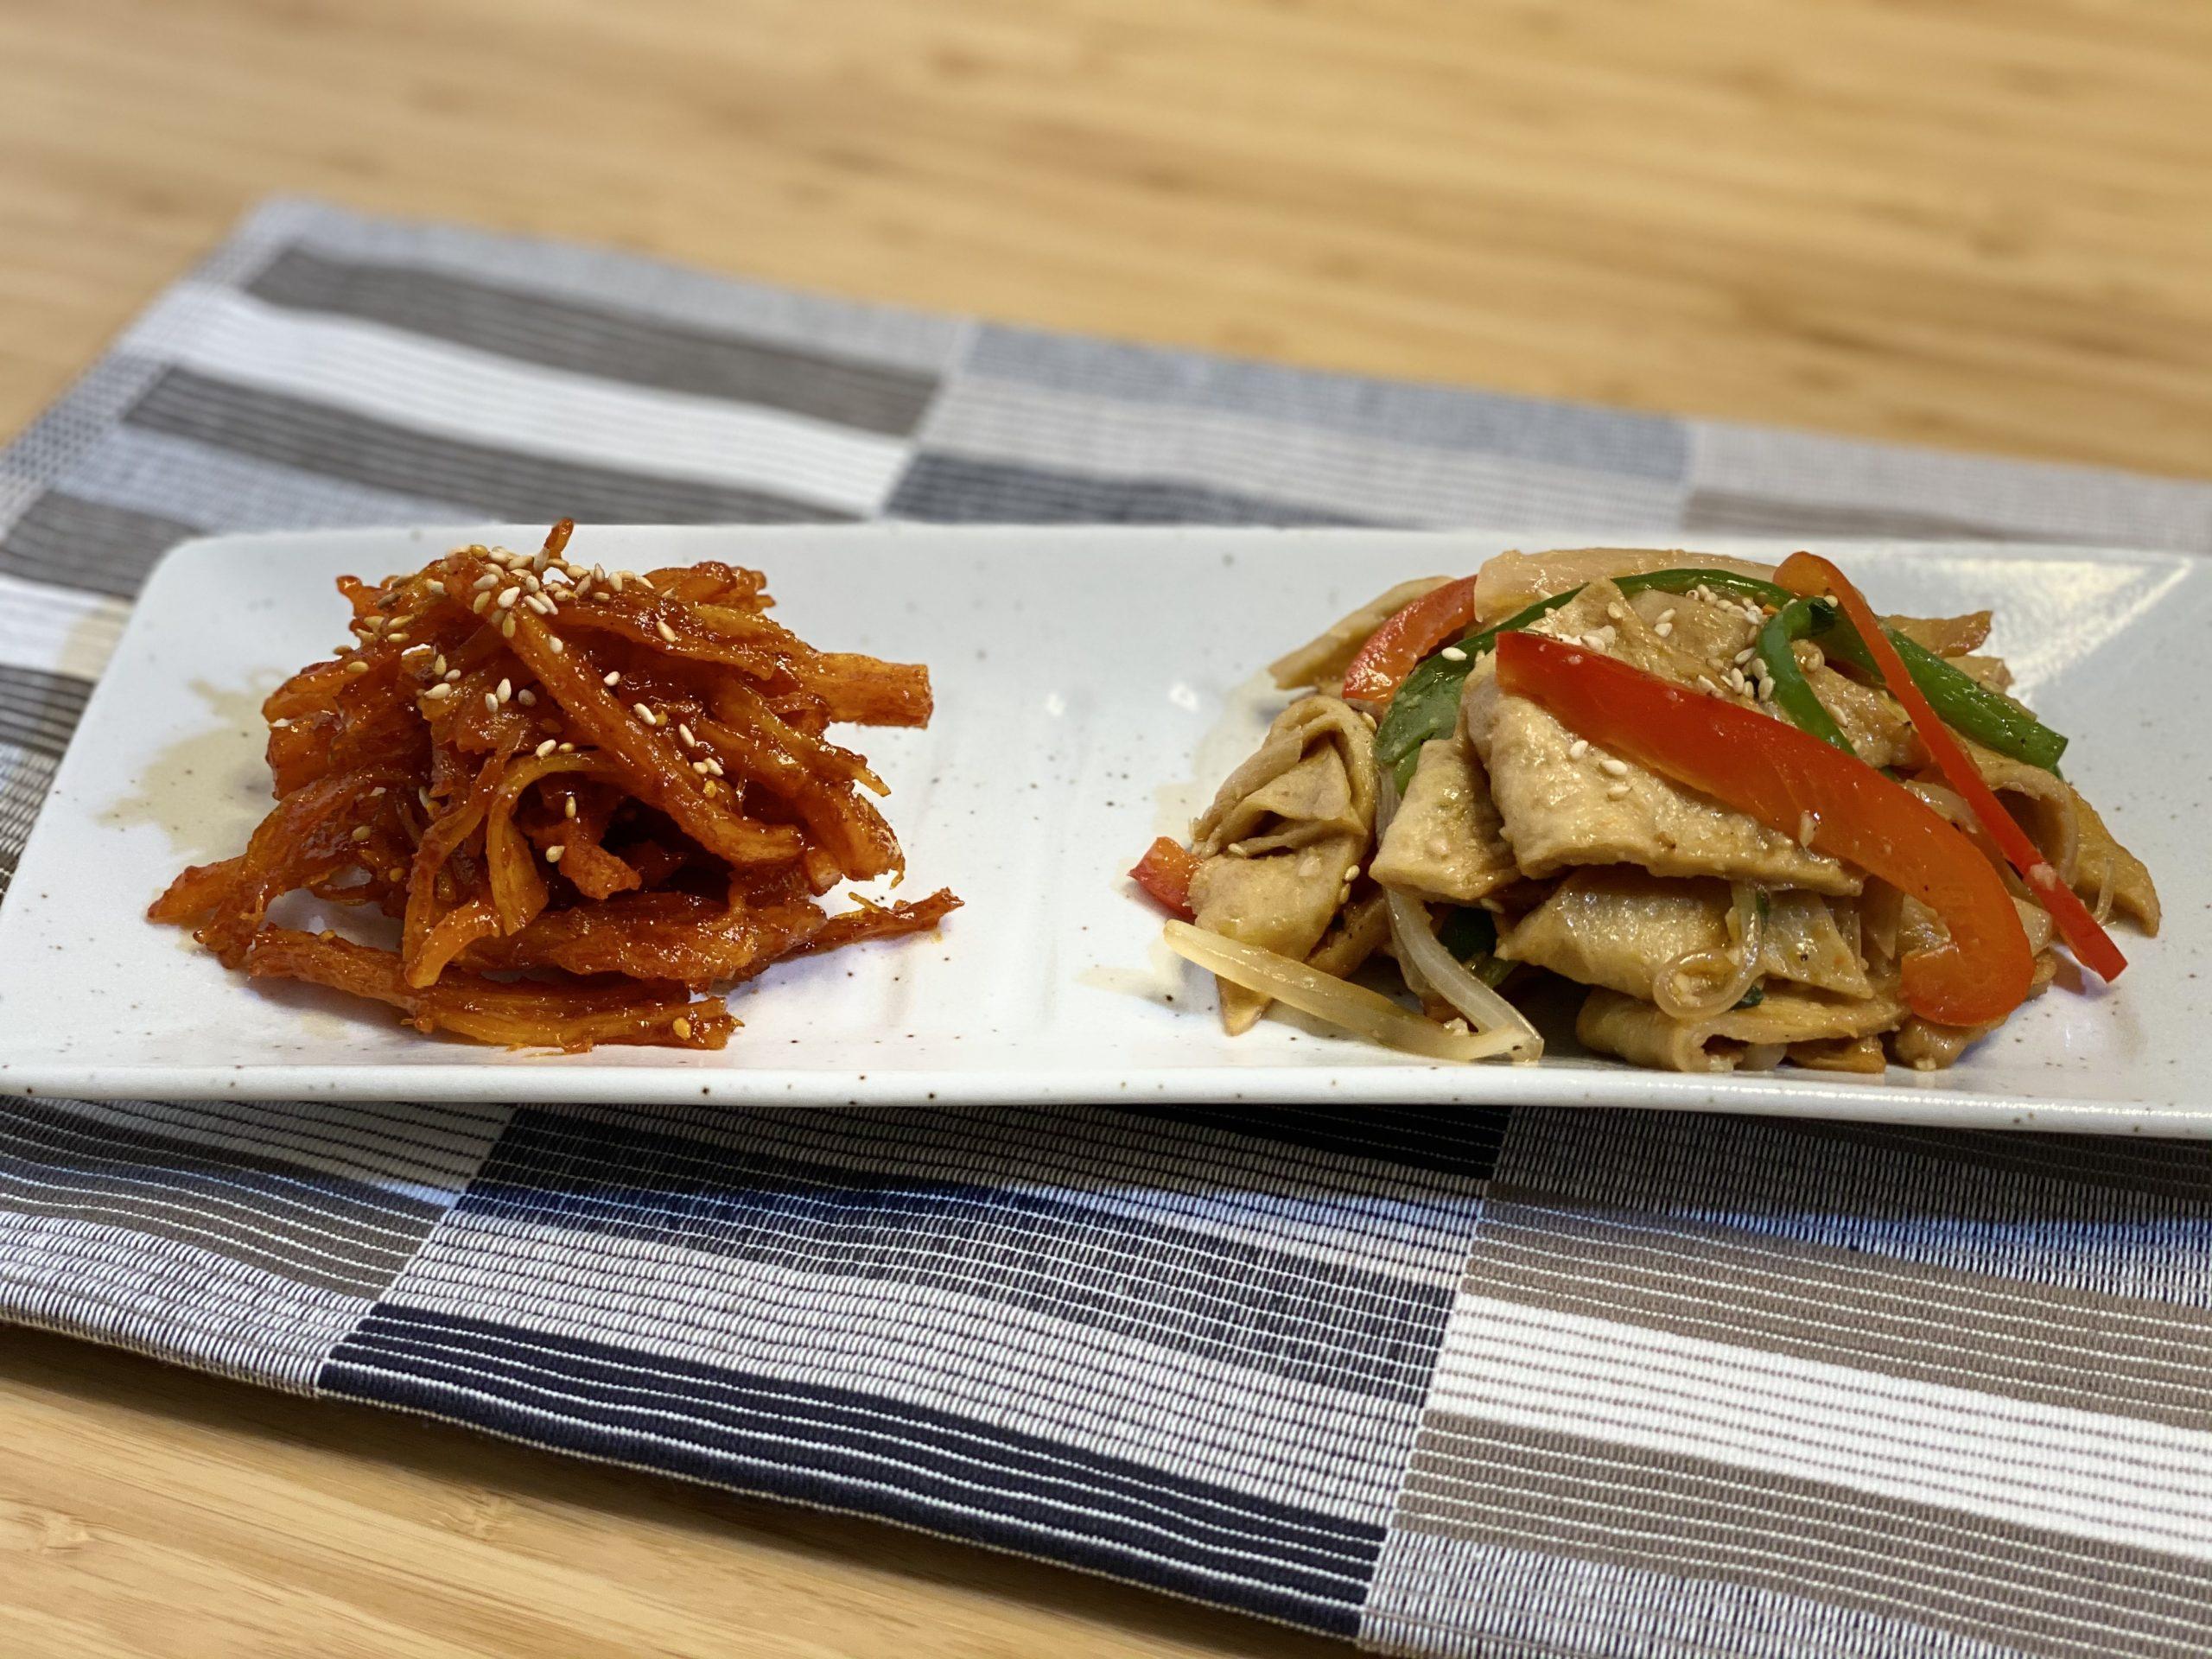 Olive家の簡単レシピ | 韓国料理 定番おかず 甘辛のソフトイカポックム&おでんポックム